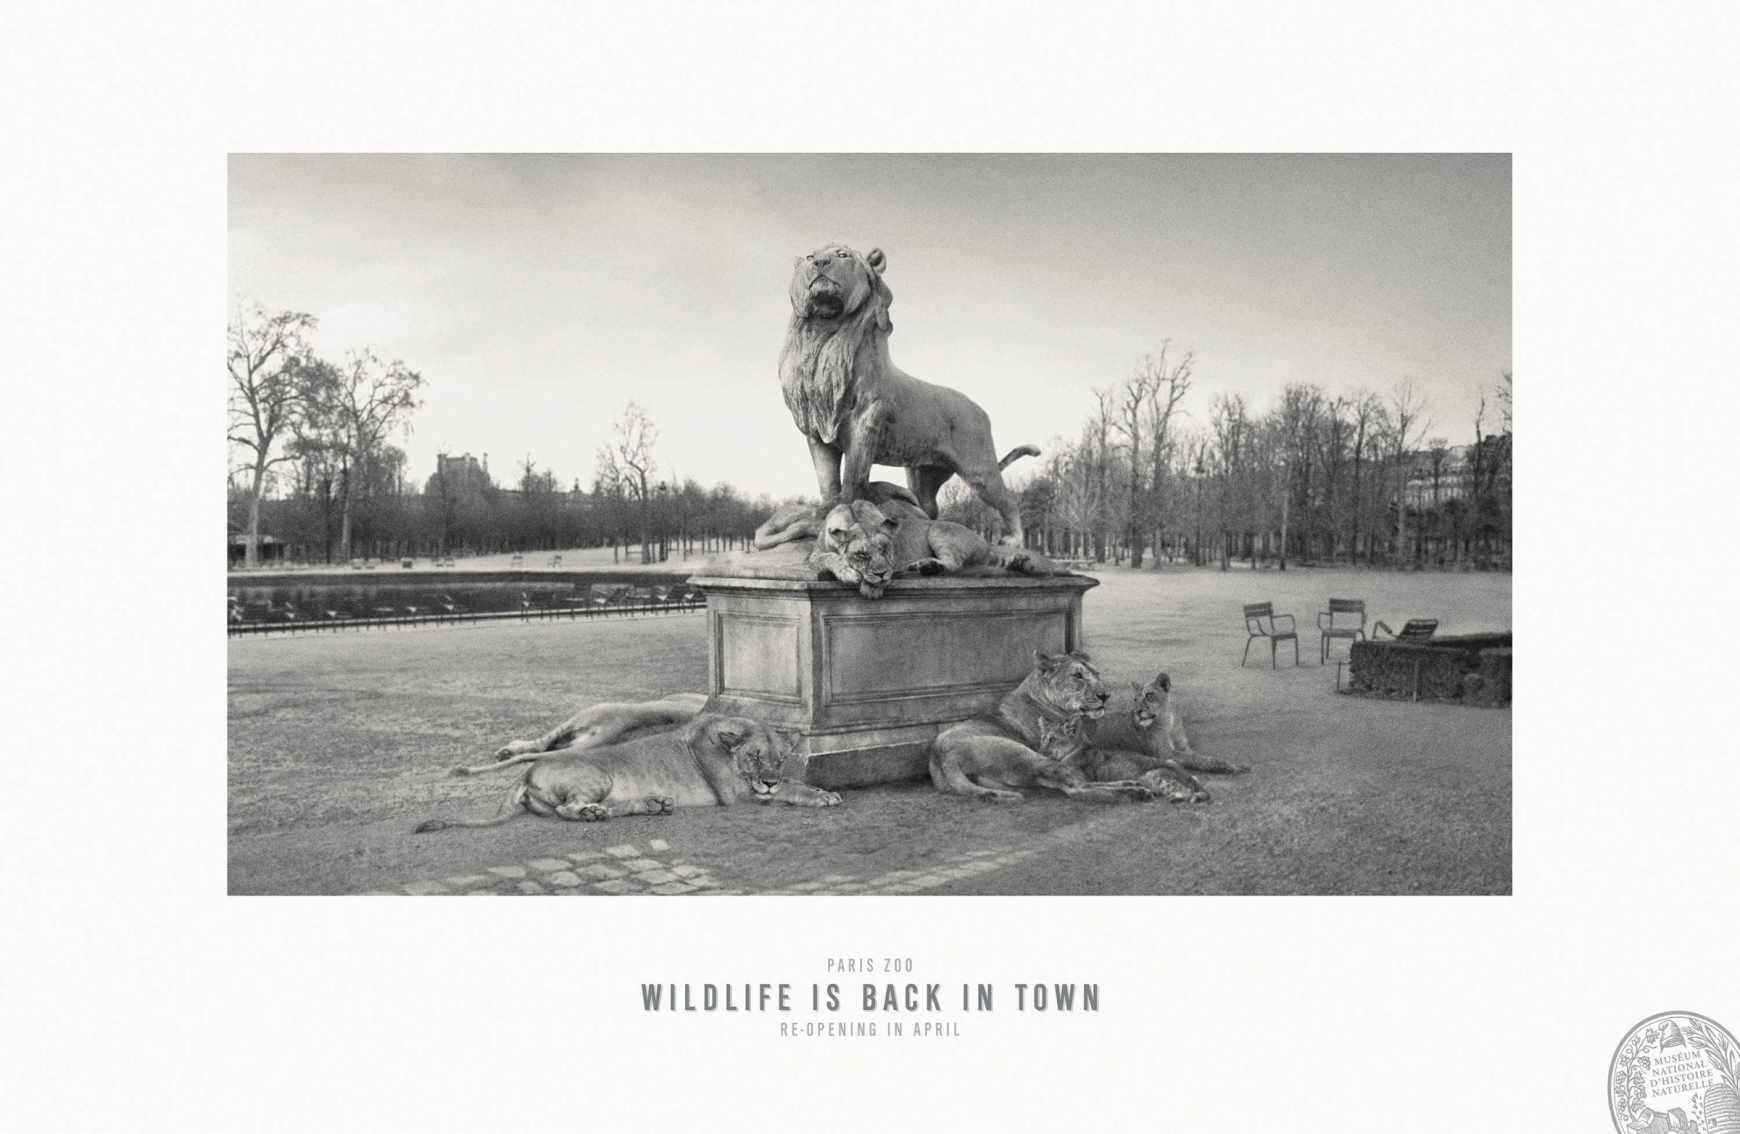 Parc Zoologique de Paris, la vida salvaje regresa a París.